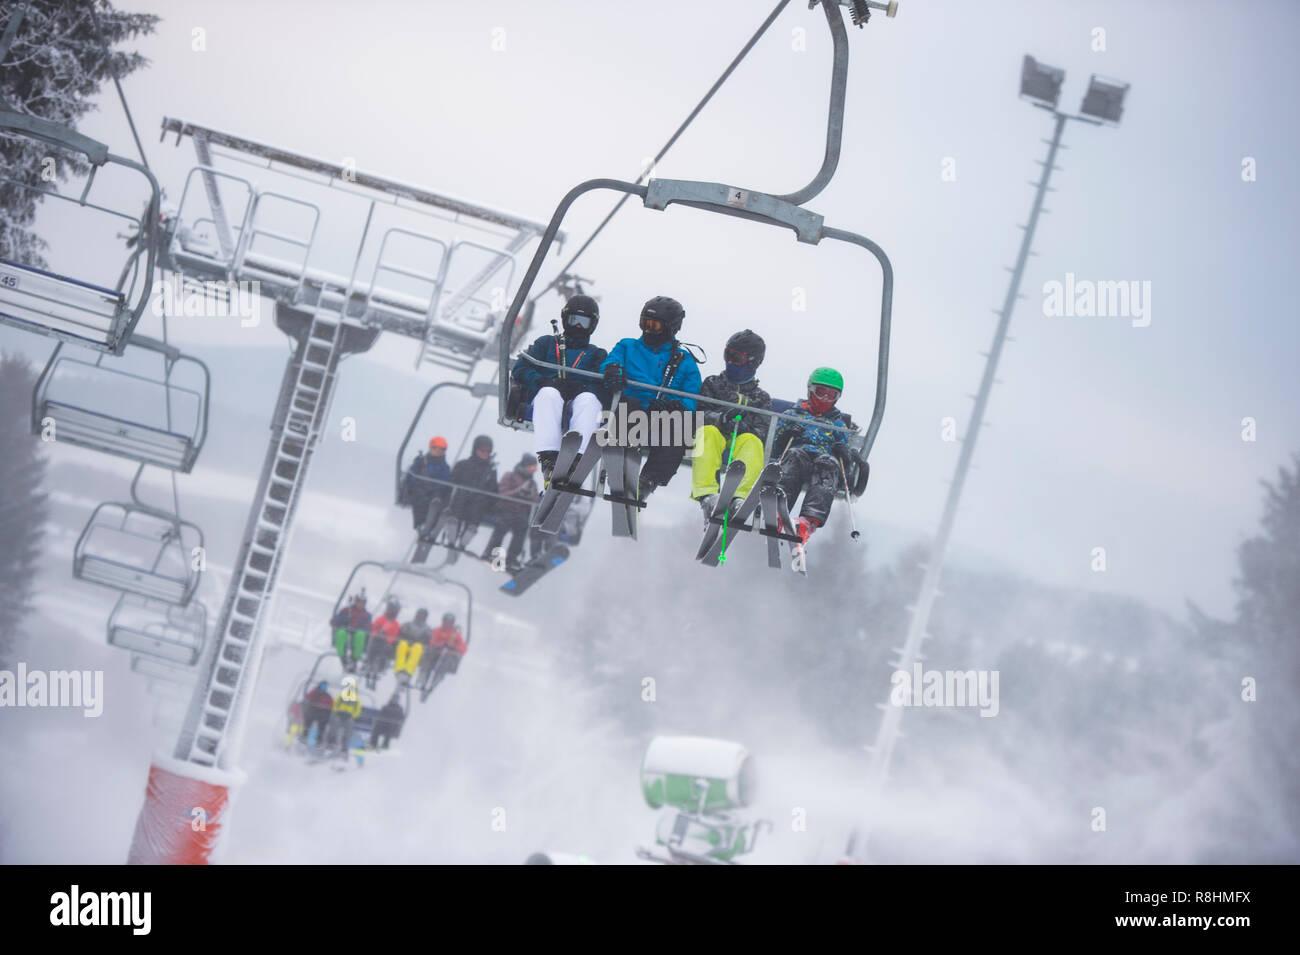 Winterberg Deutschland 15 Dez 2018 Skifahrer Sitzen Auf Einem